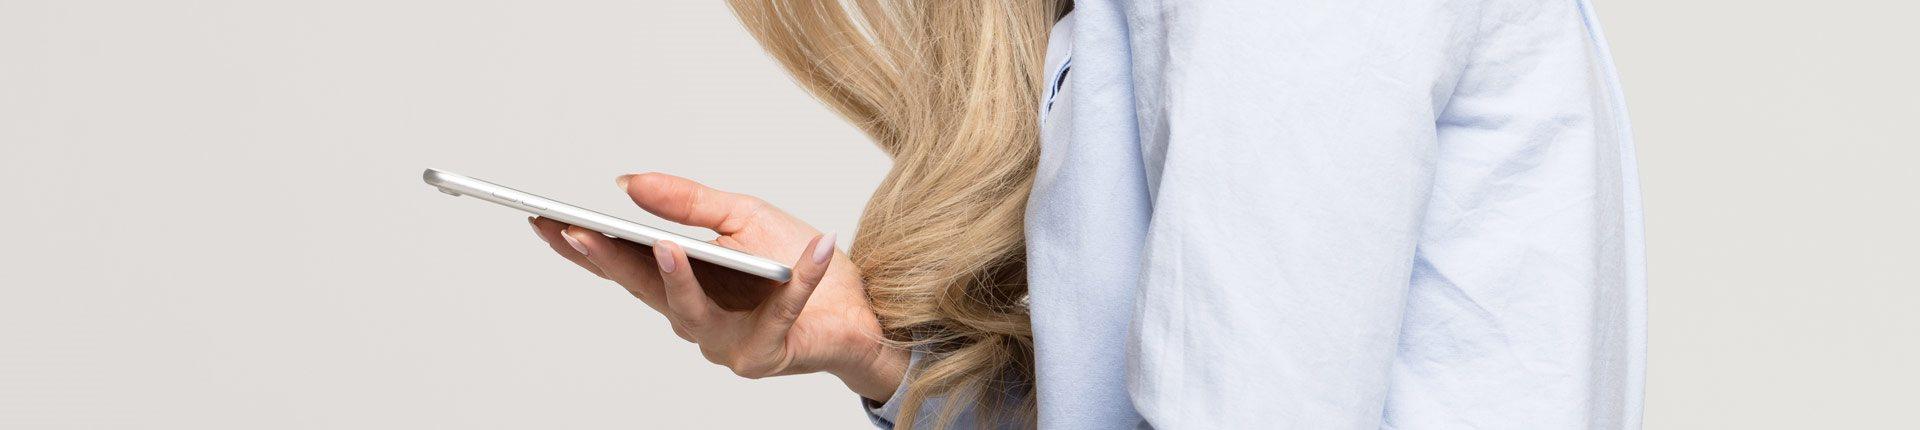 Czy używanie telefonu może powodować bóle kręgosłupa?